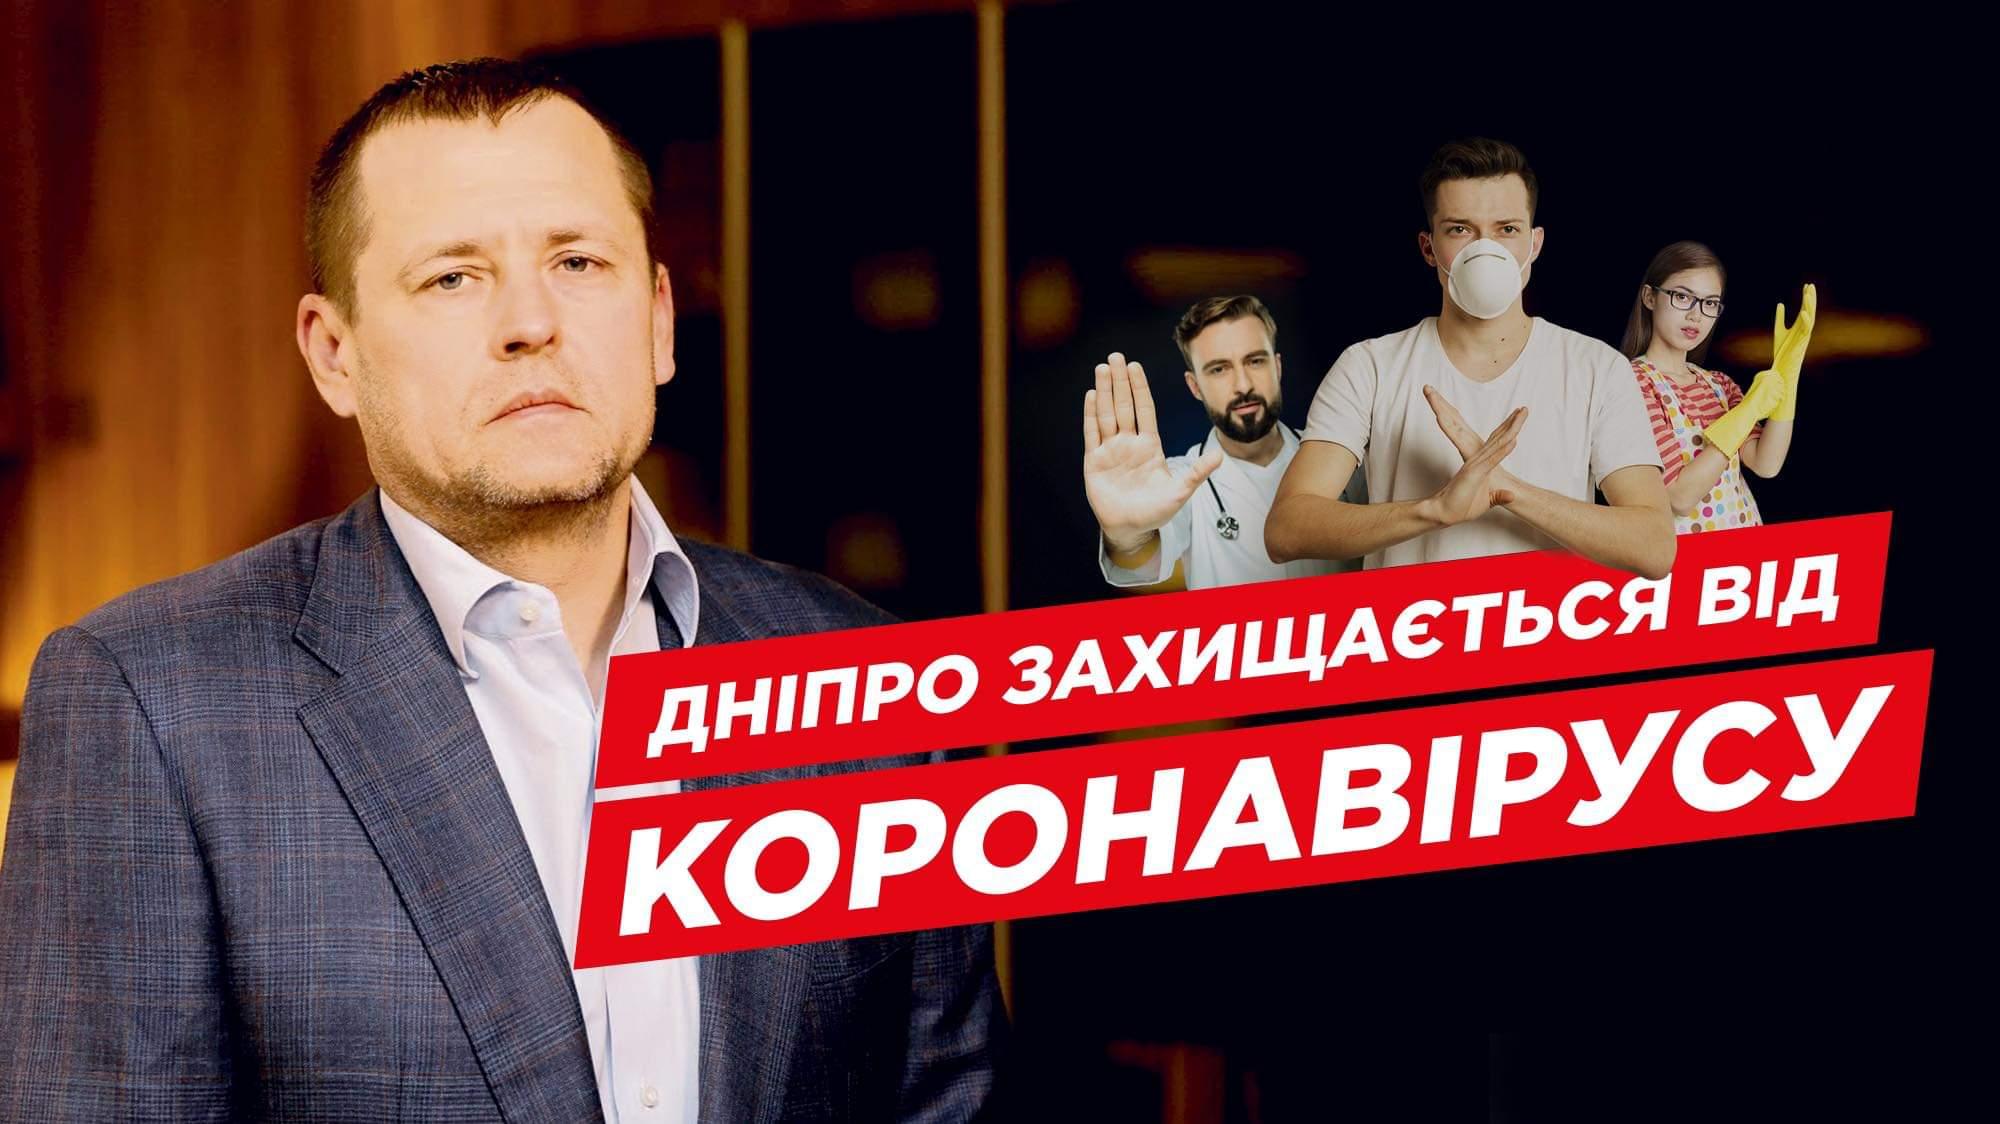 Як Дніпро захищає городян від коронавируса. Новини Дніпра